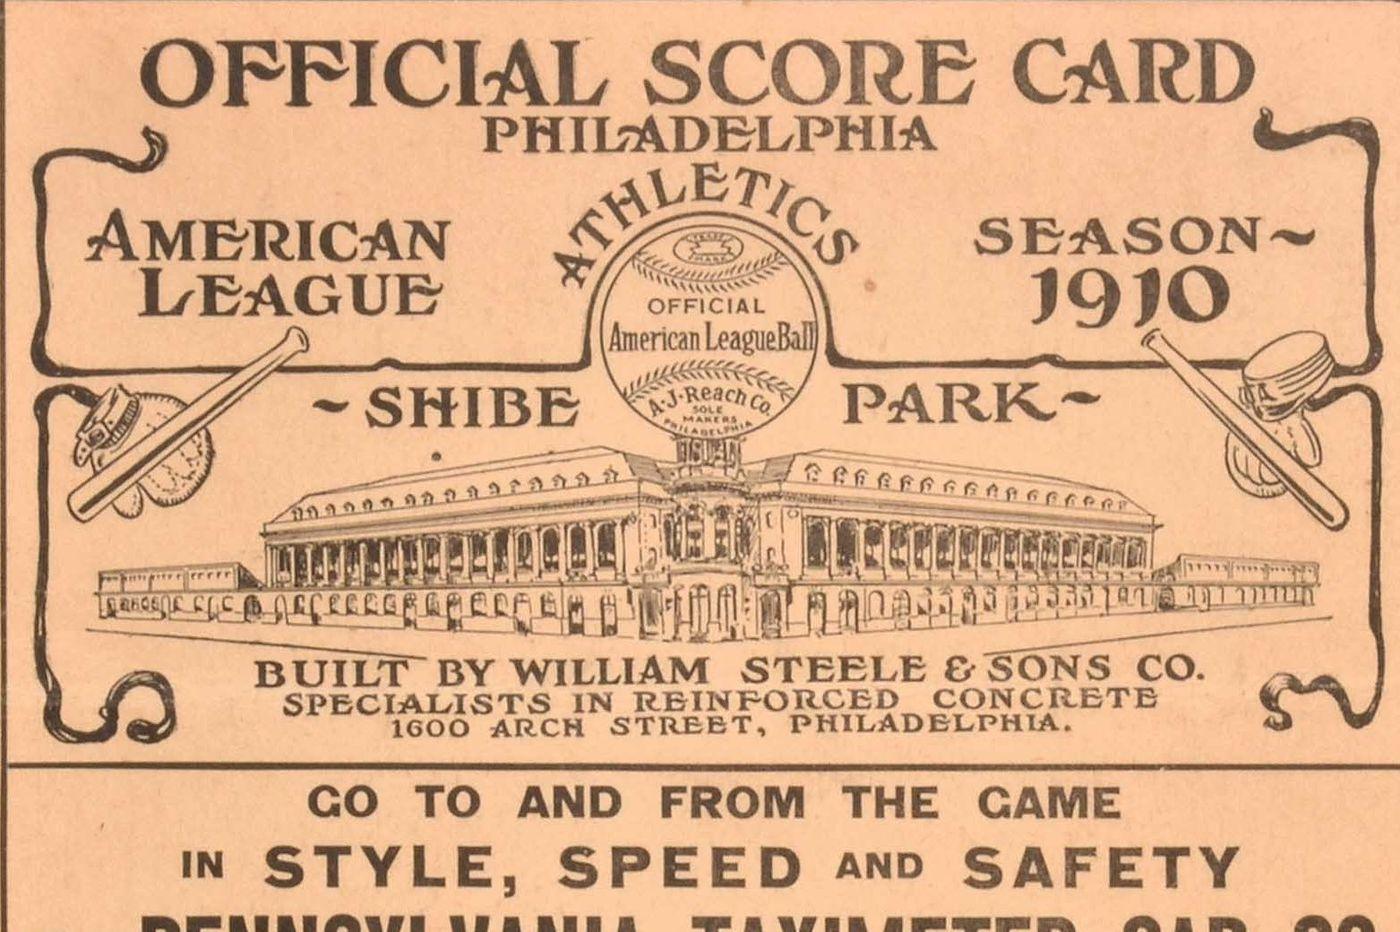 Philadelphia A's 1910 World Series program sells for $36K